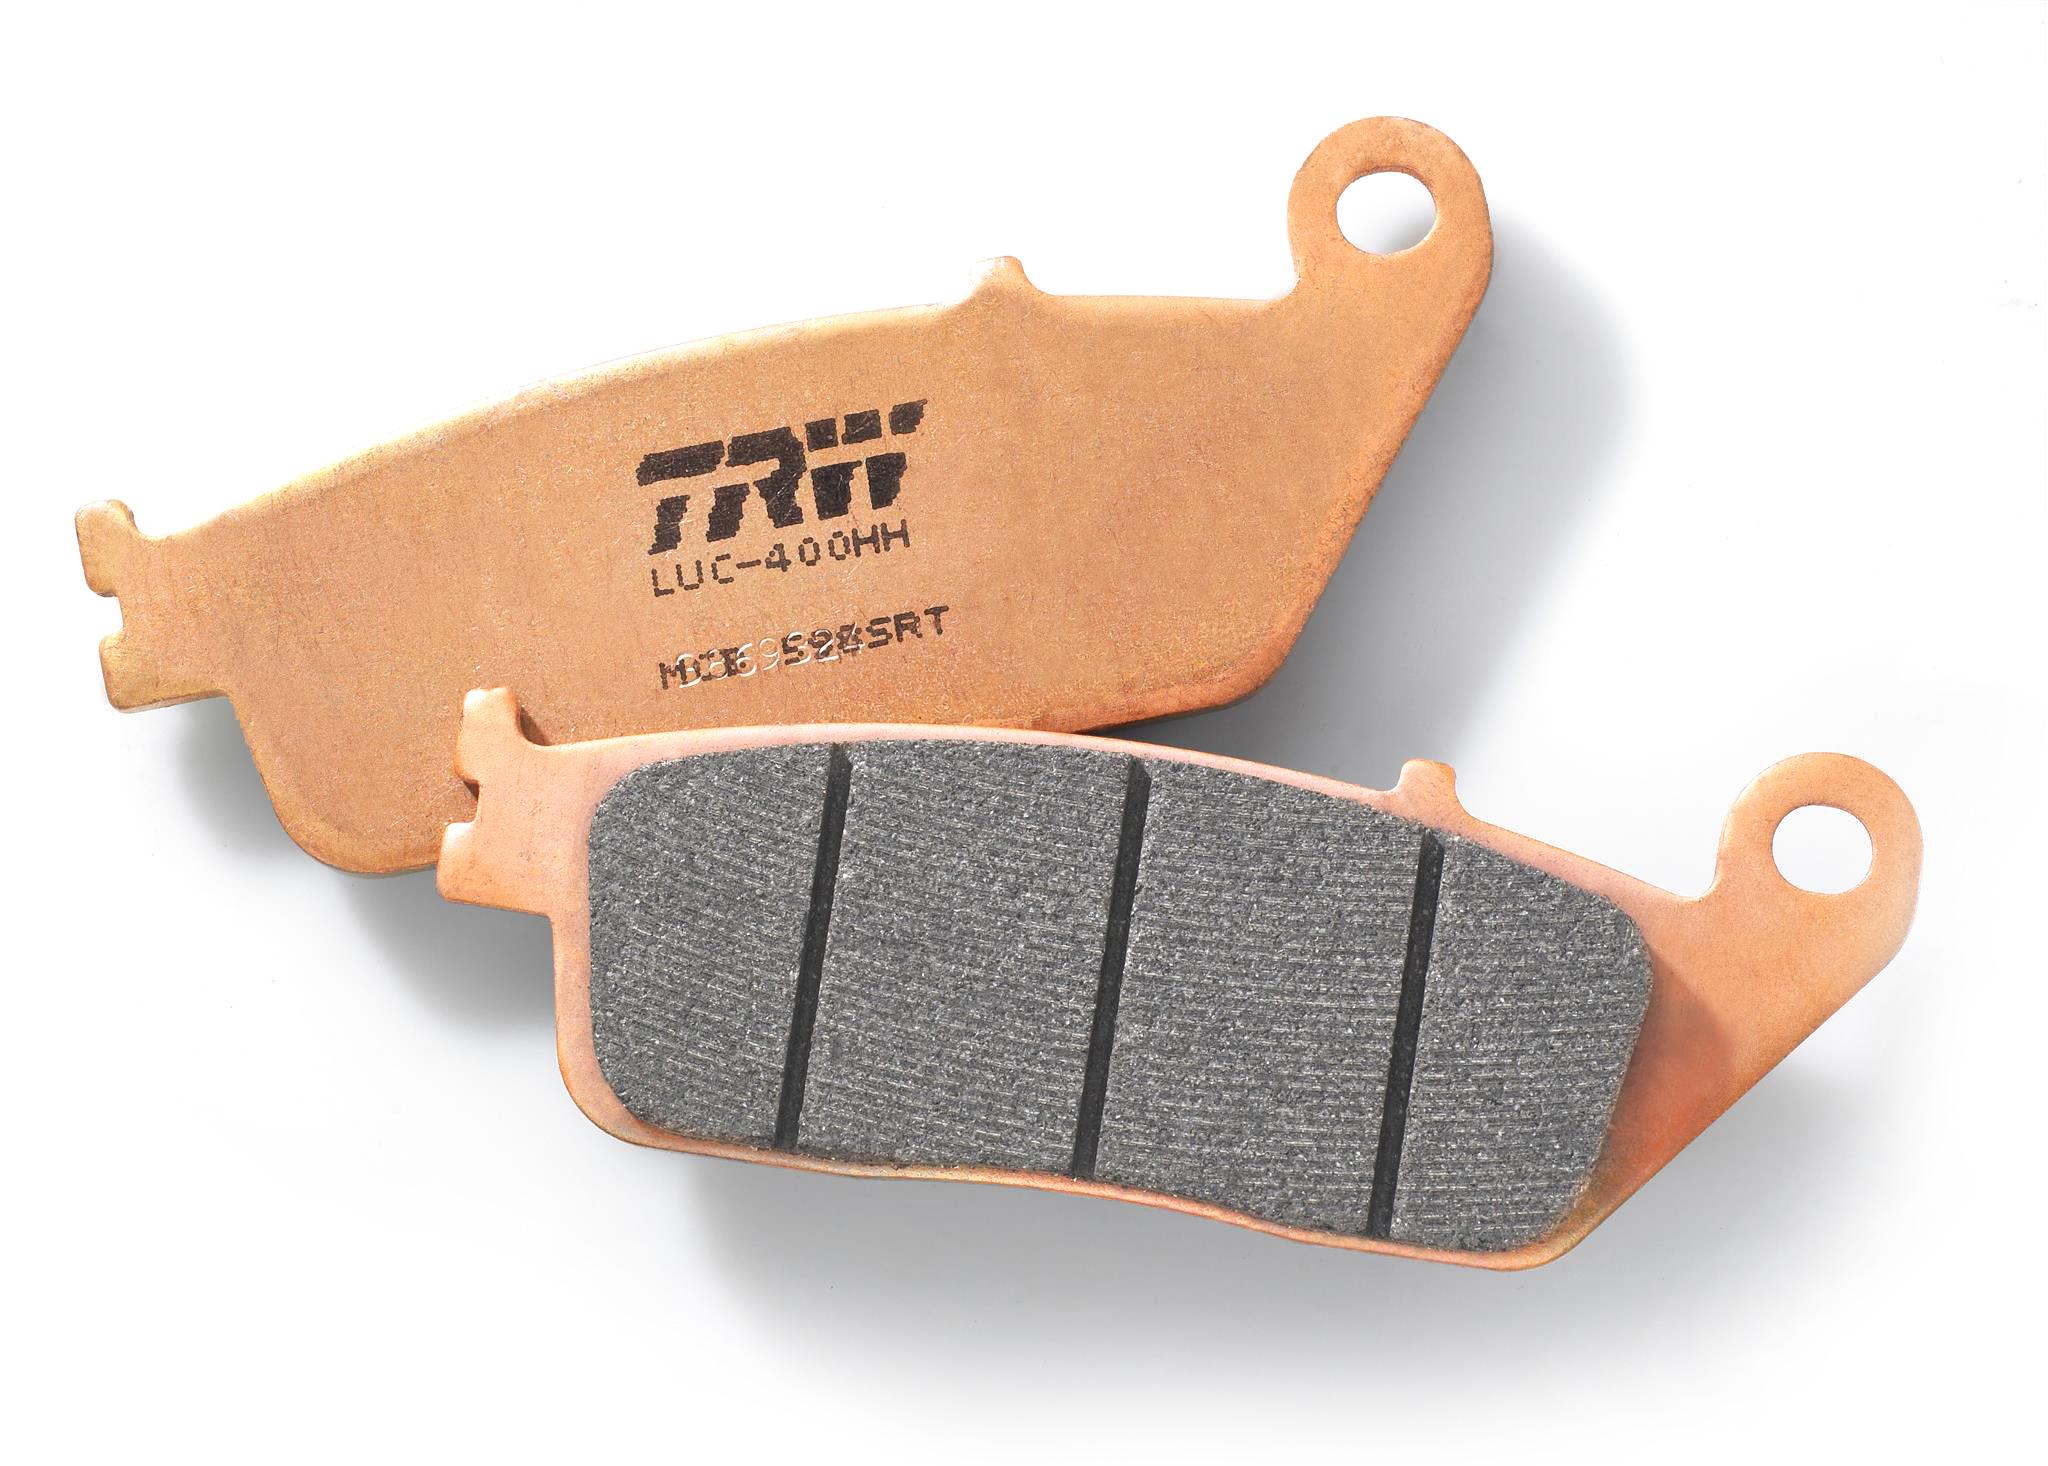 TRW Sinter Road & Track (SRT) Bremsbeläge für maximale Sicherheit, Langlebigkeit und Leistung auf den Punkt, selbst unter extremen Bedingungen.  //  TRW Sinter Road & Track (SRT) brake pads for maximum safety, durability and precise performance, even under extreme conditions.